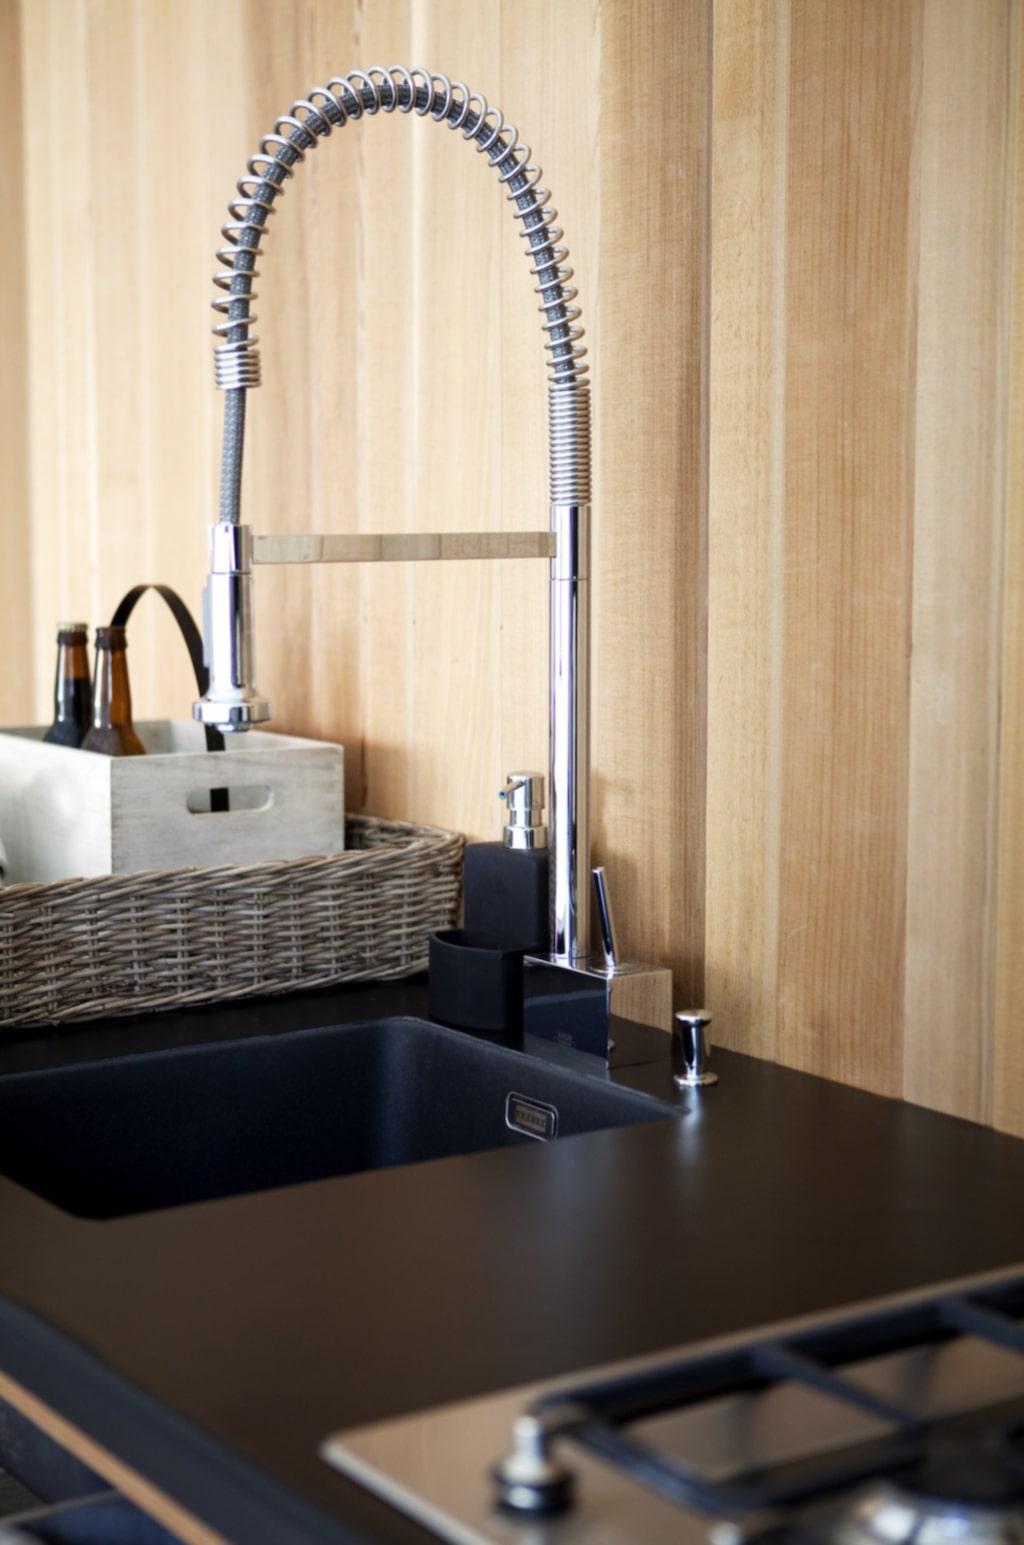 """Köksväggen är byggd av slät cederpanel i olika bredder. Ovandelen av köksbänken är inklädd i mattsvart plastmatta. Ho från """"Franke"""". Blandare från """"Franke""""."""